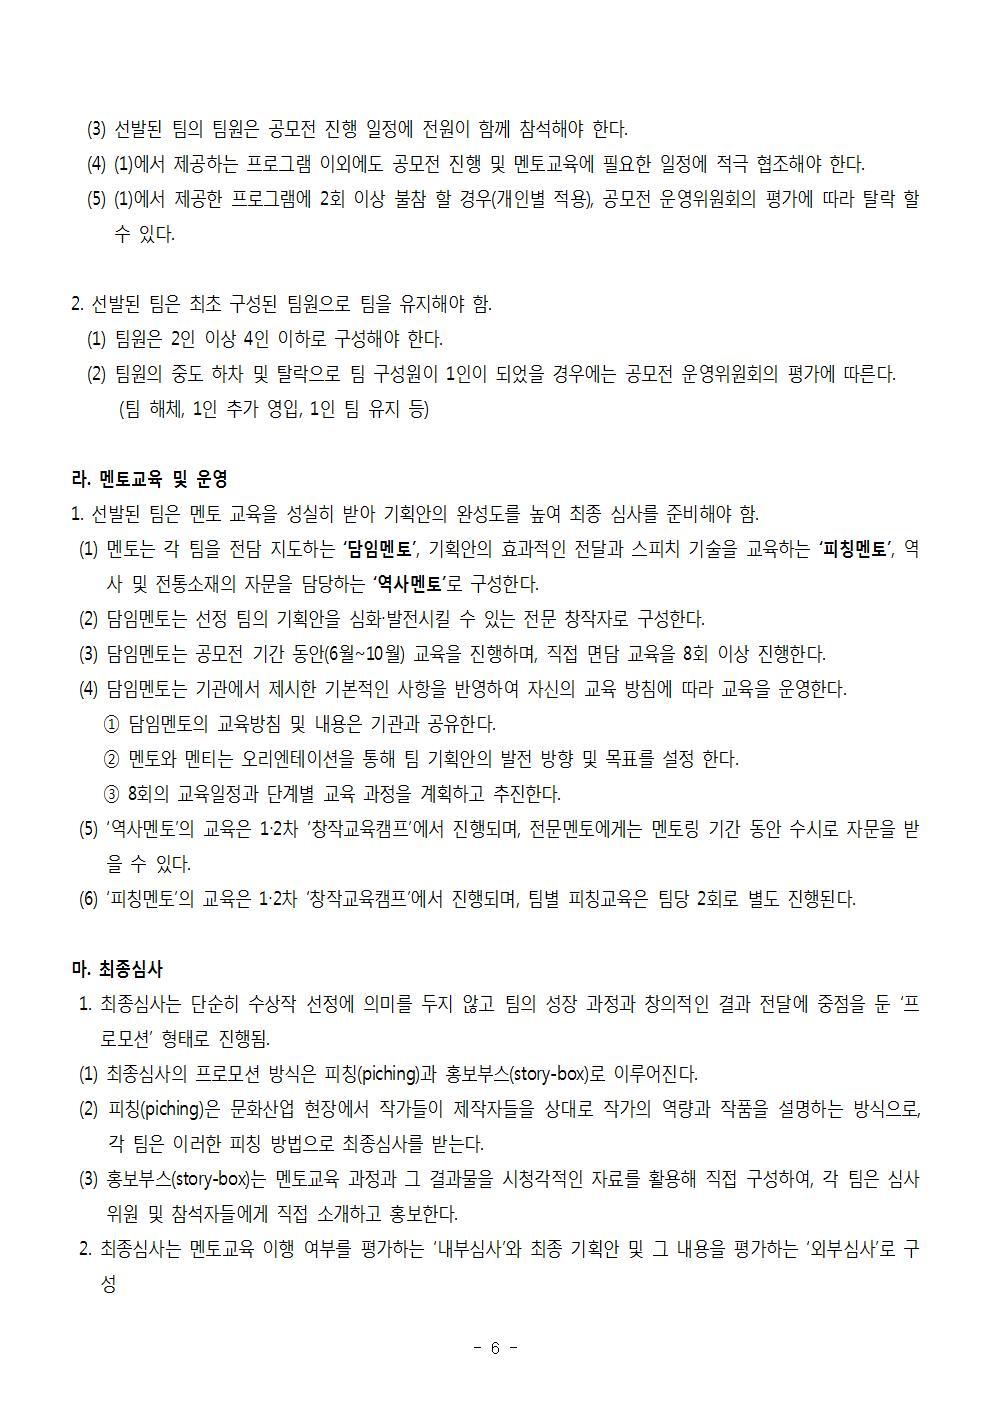 2018_스토리테마파크 공모전(공모요강)006